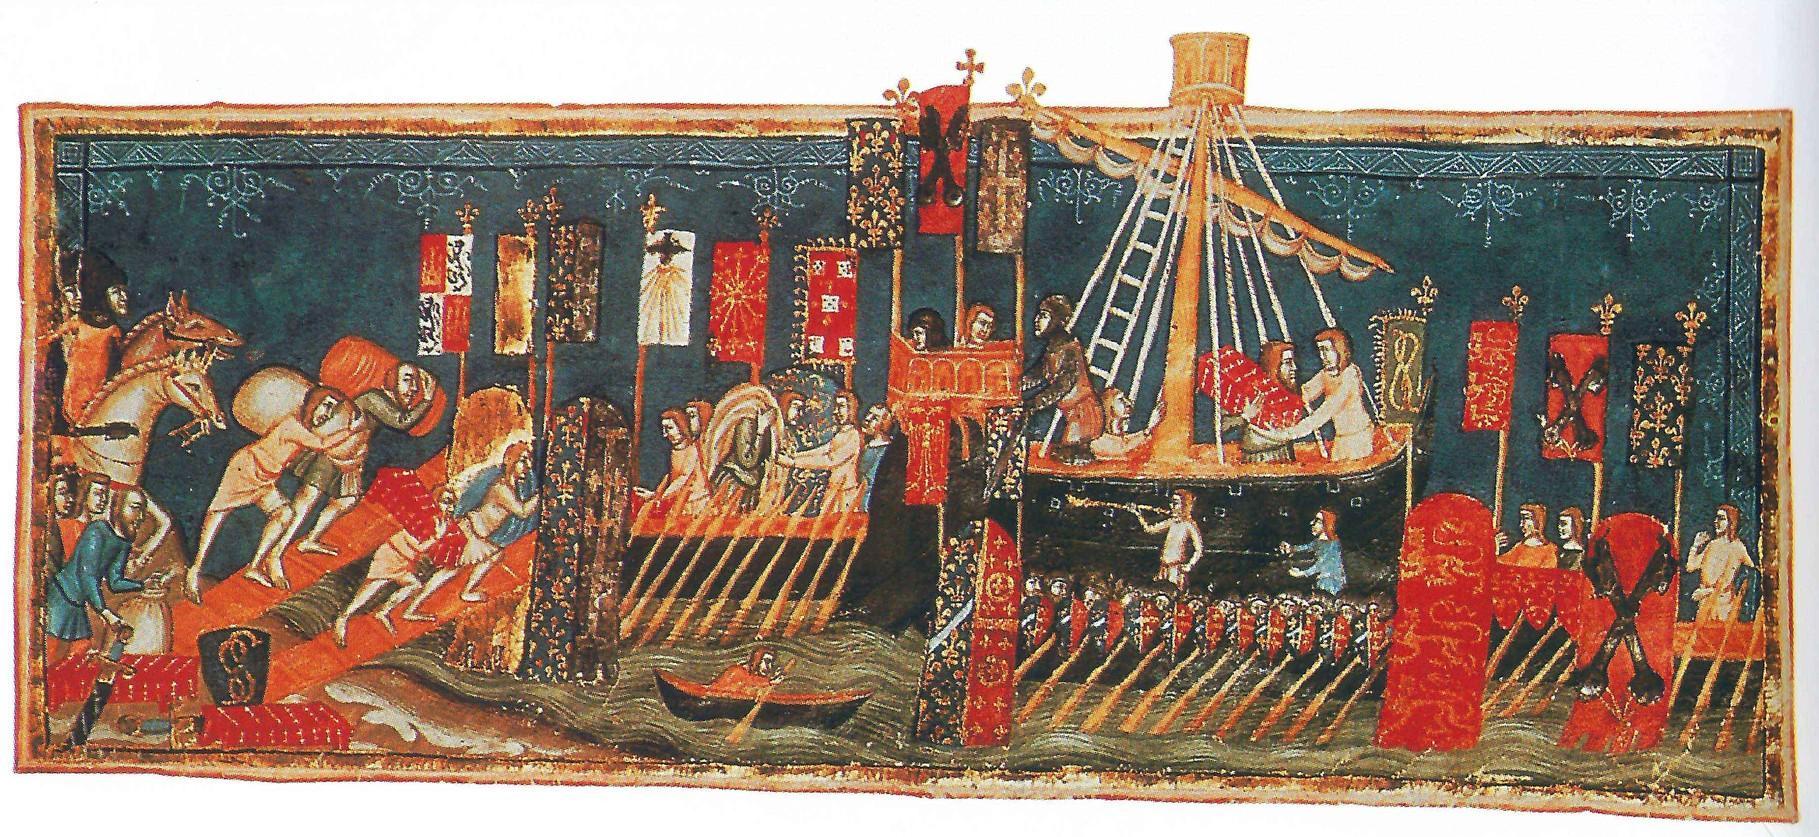 Einschiffung von Kreuzfahrern